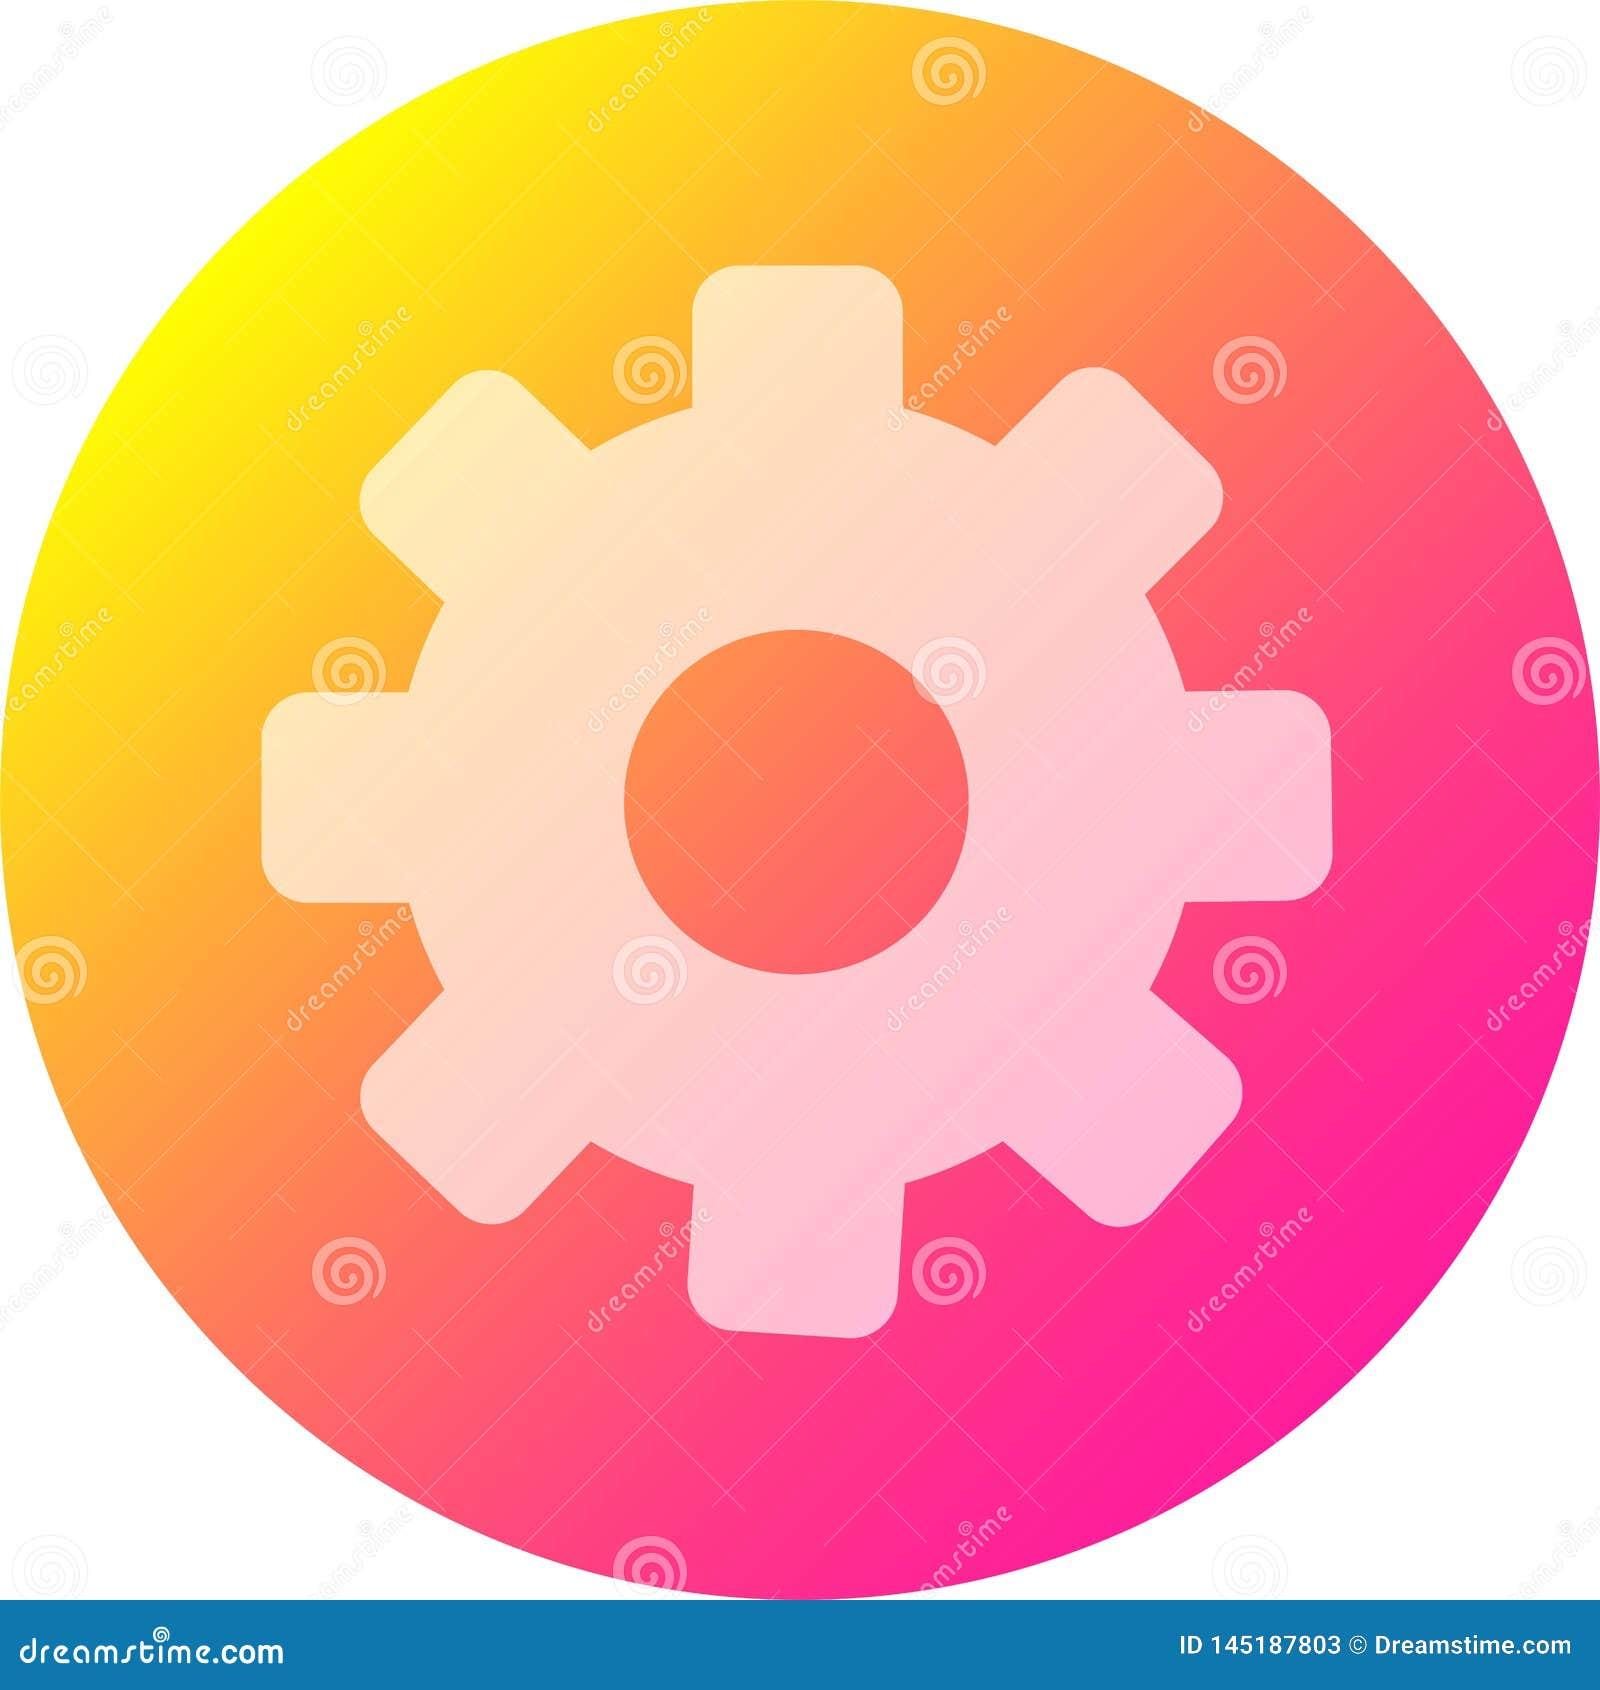 значок установок для применений и дополнительных особенностей